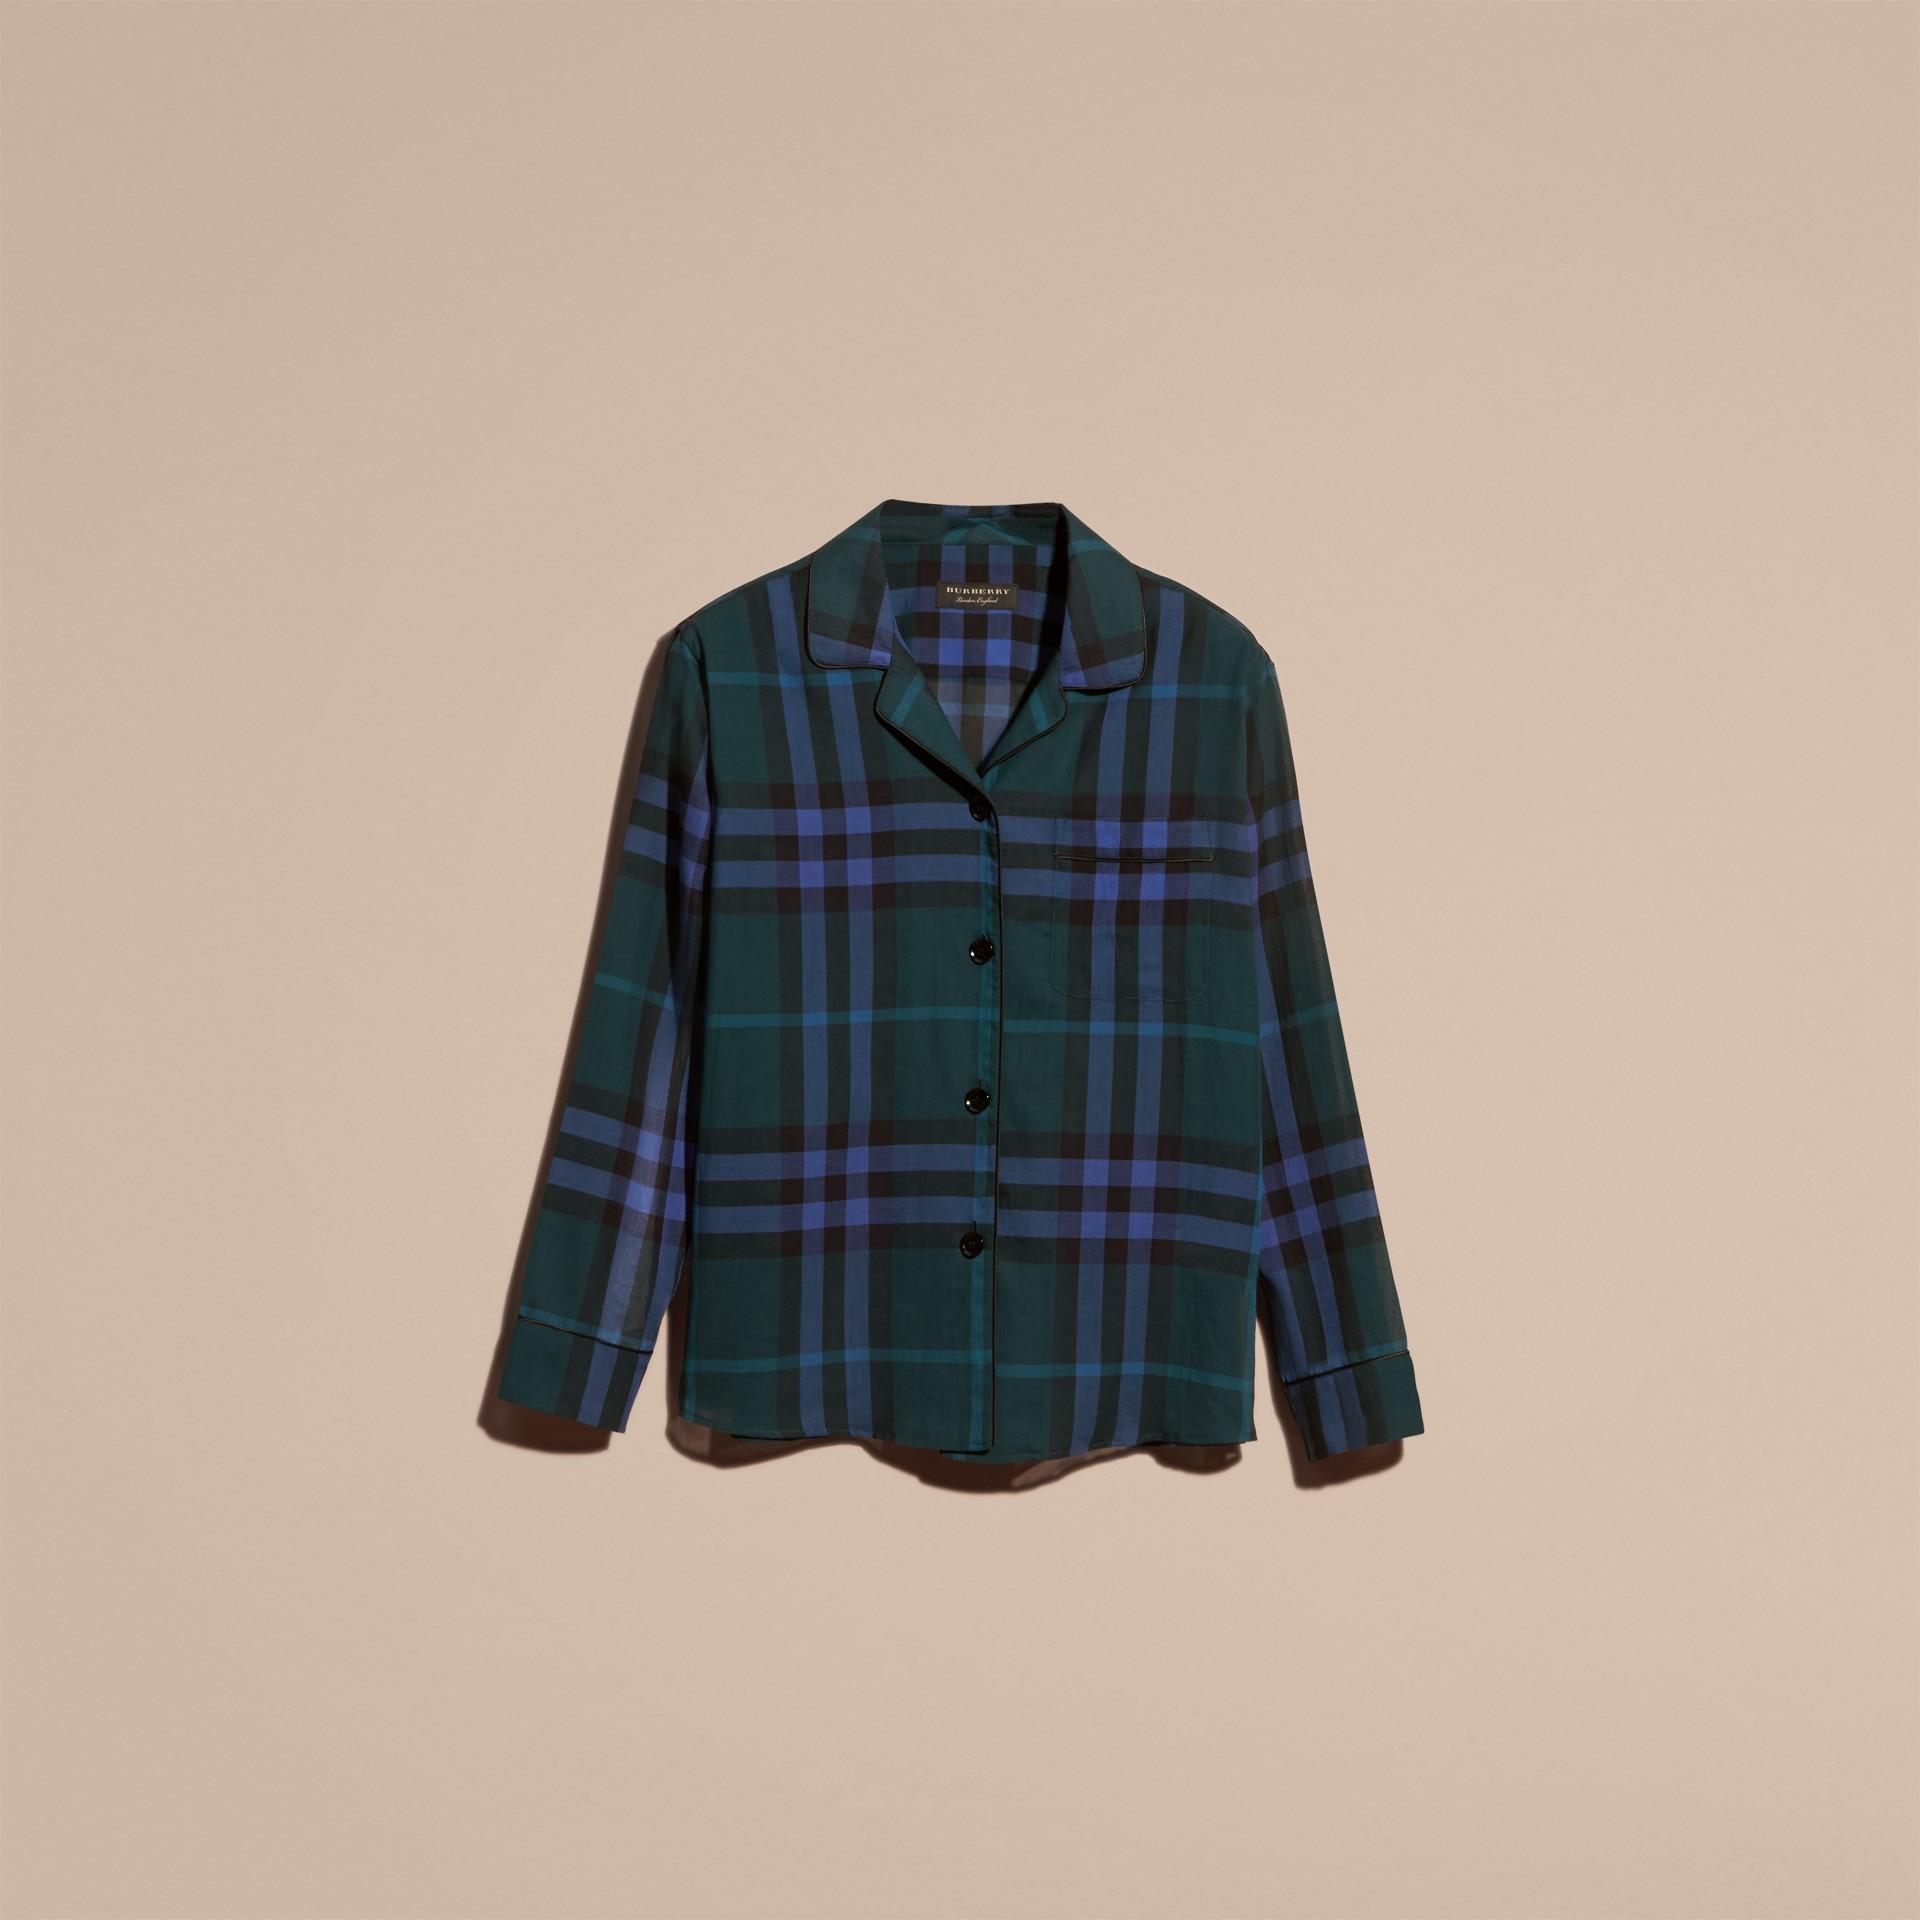 Blu alzavola scuro Camicia stile pigiama in cotone con motivo tartan Blu Alzavola Scuro - immagine della galleria 4